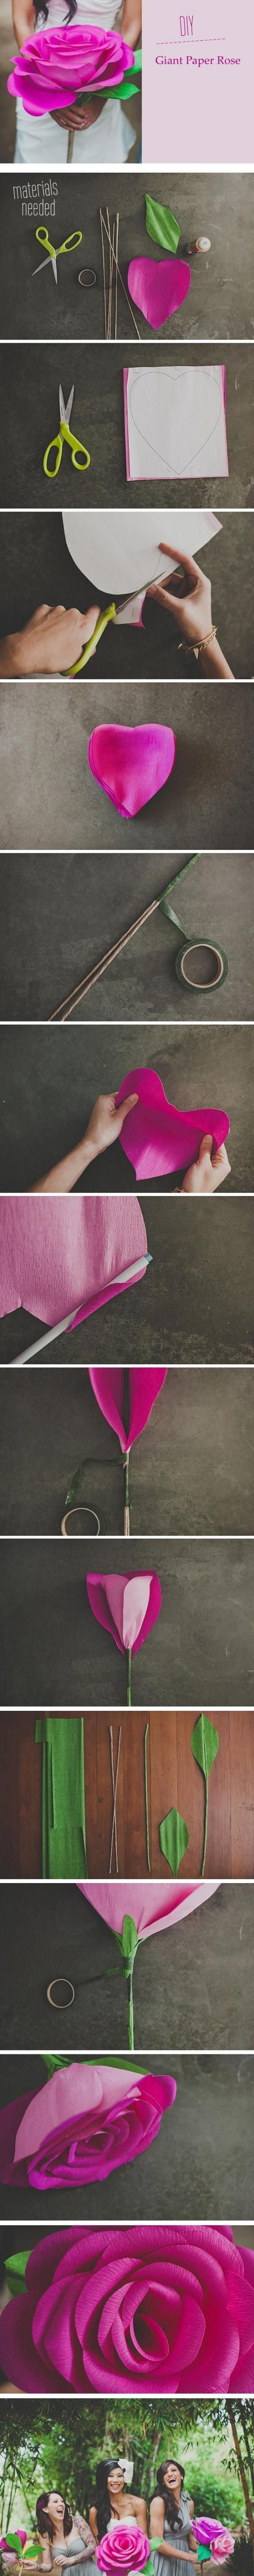 Comment fabriquer une rose géante en papier